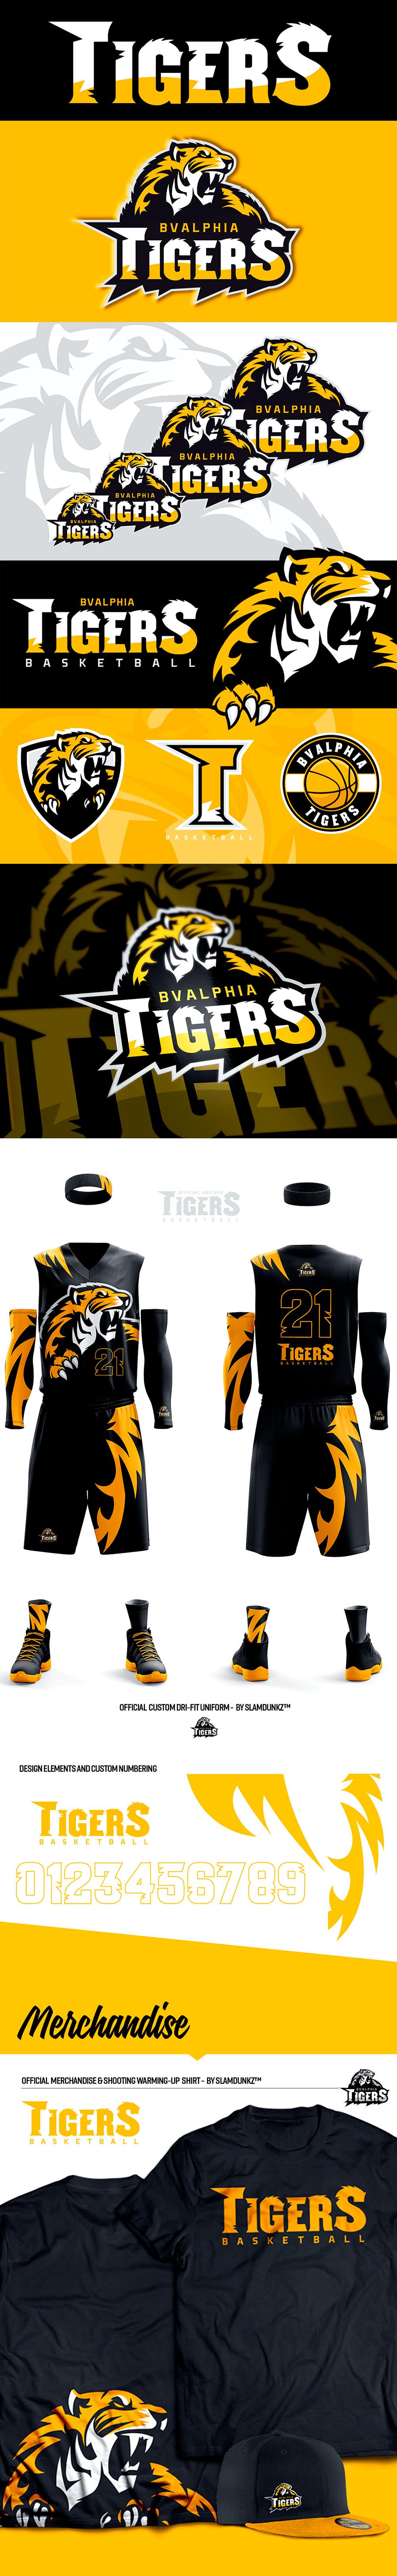 Logotipo del equipo de basketball: Alphia Tigers por Yark Digital Artist